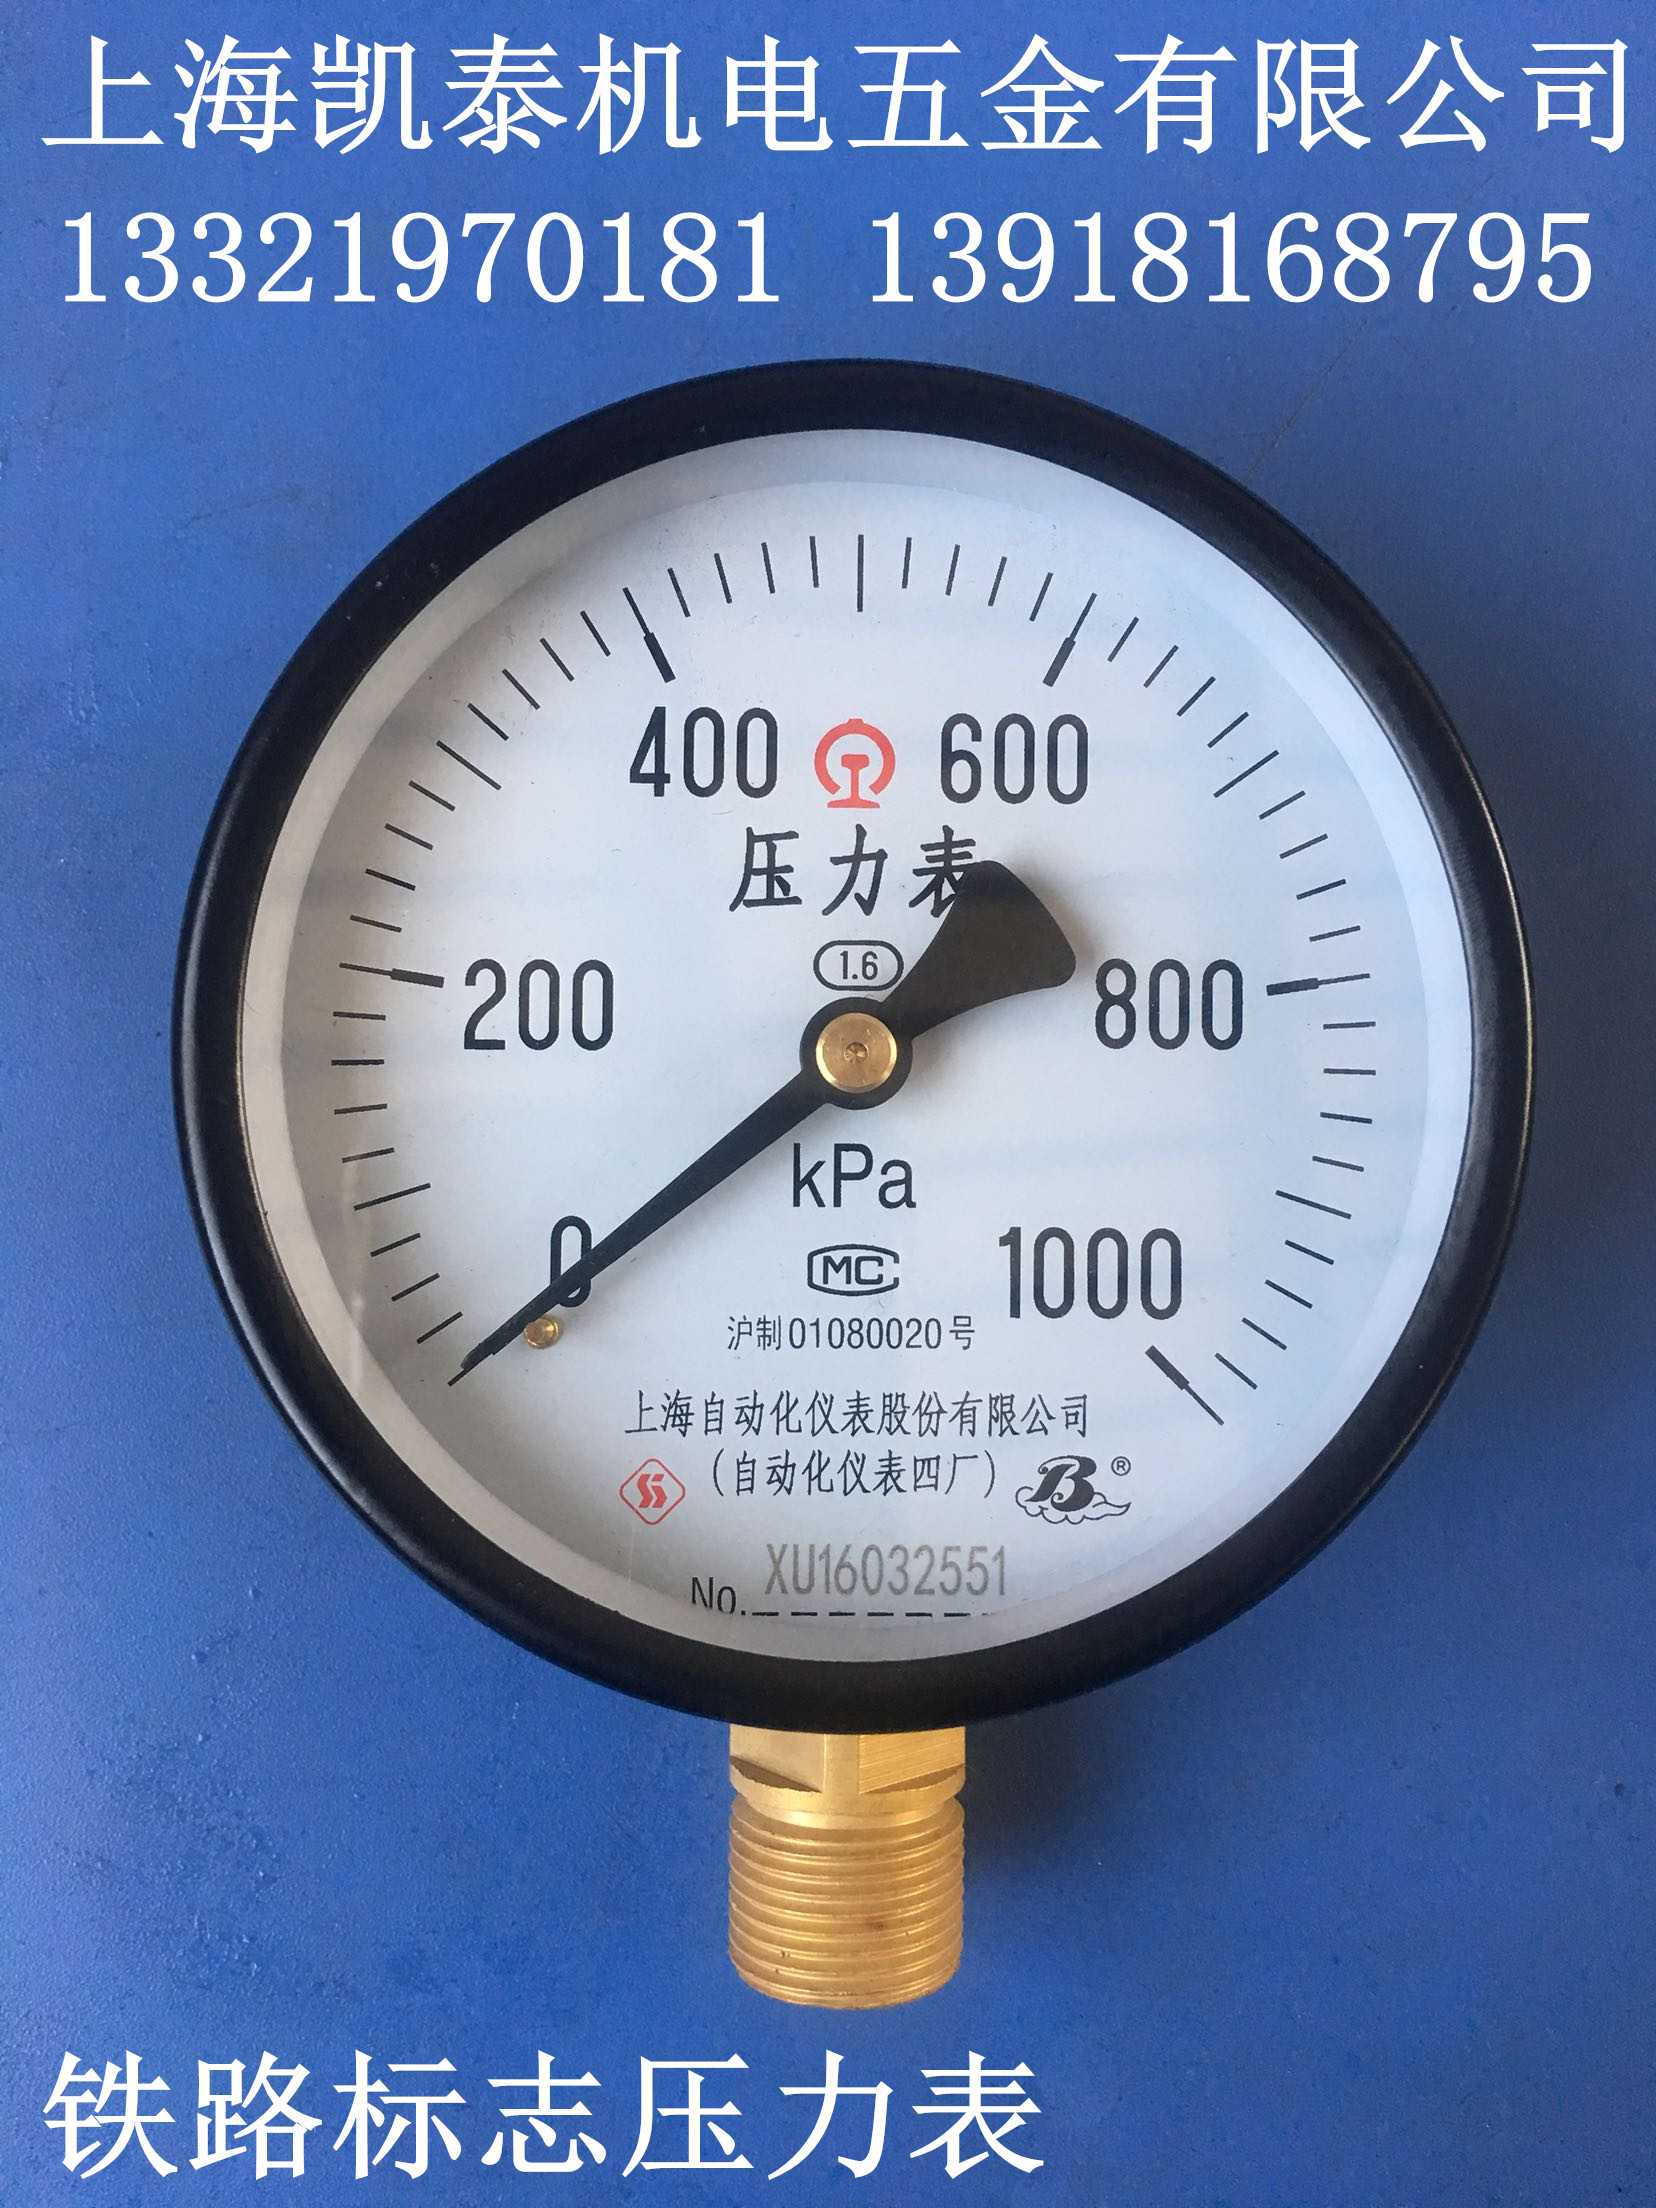 Y-100铁路局标志定制压力表 径向单针 压力表 0-1000KPA 1600KPA